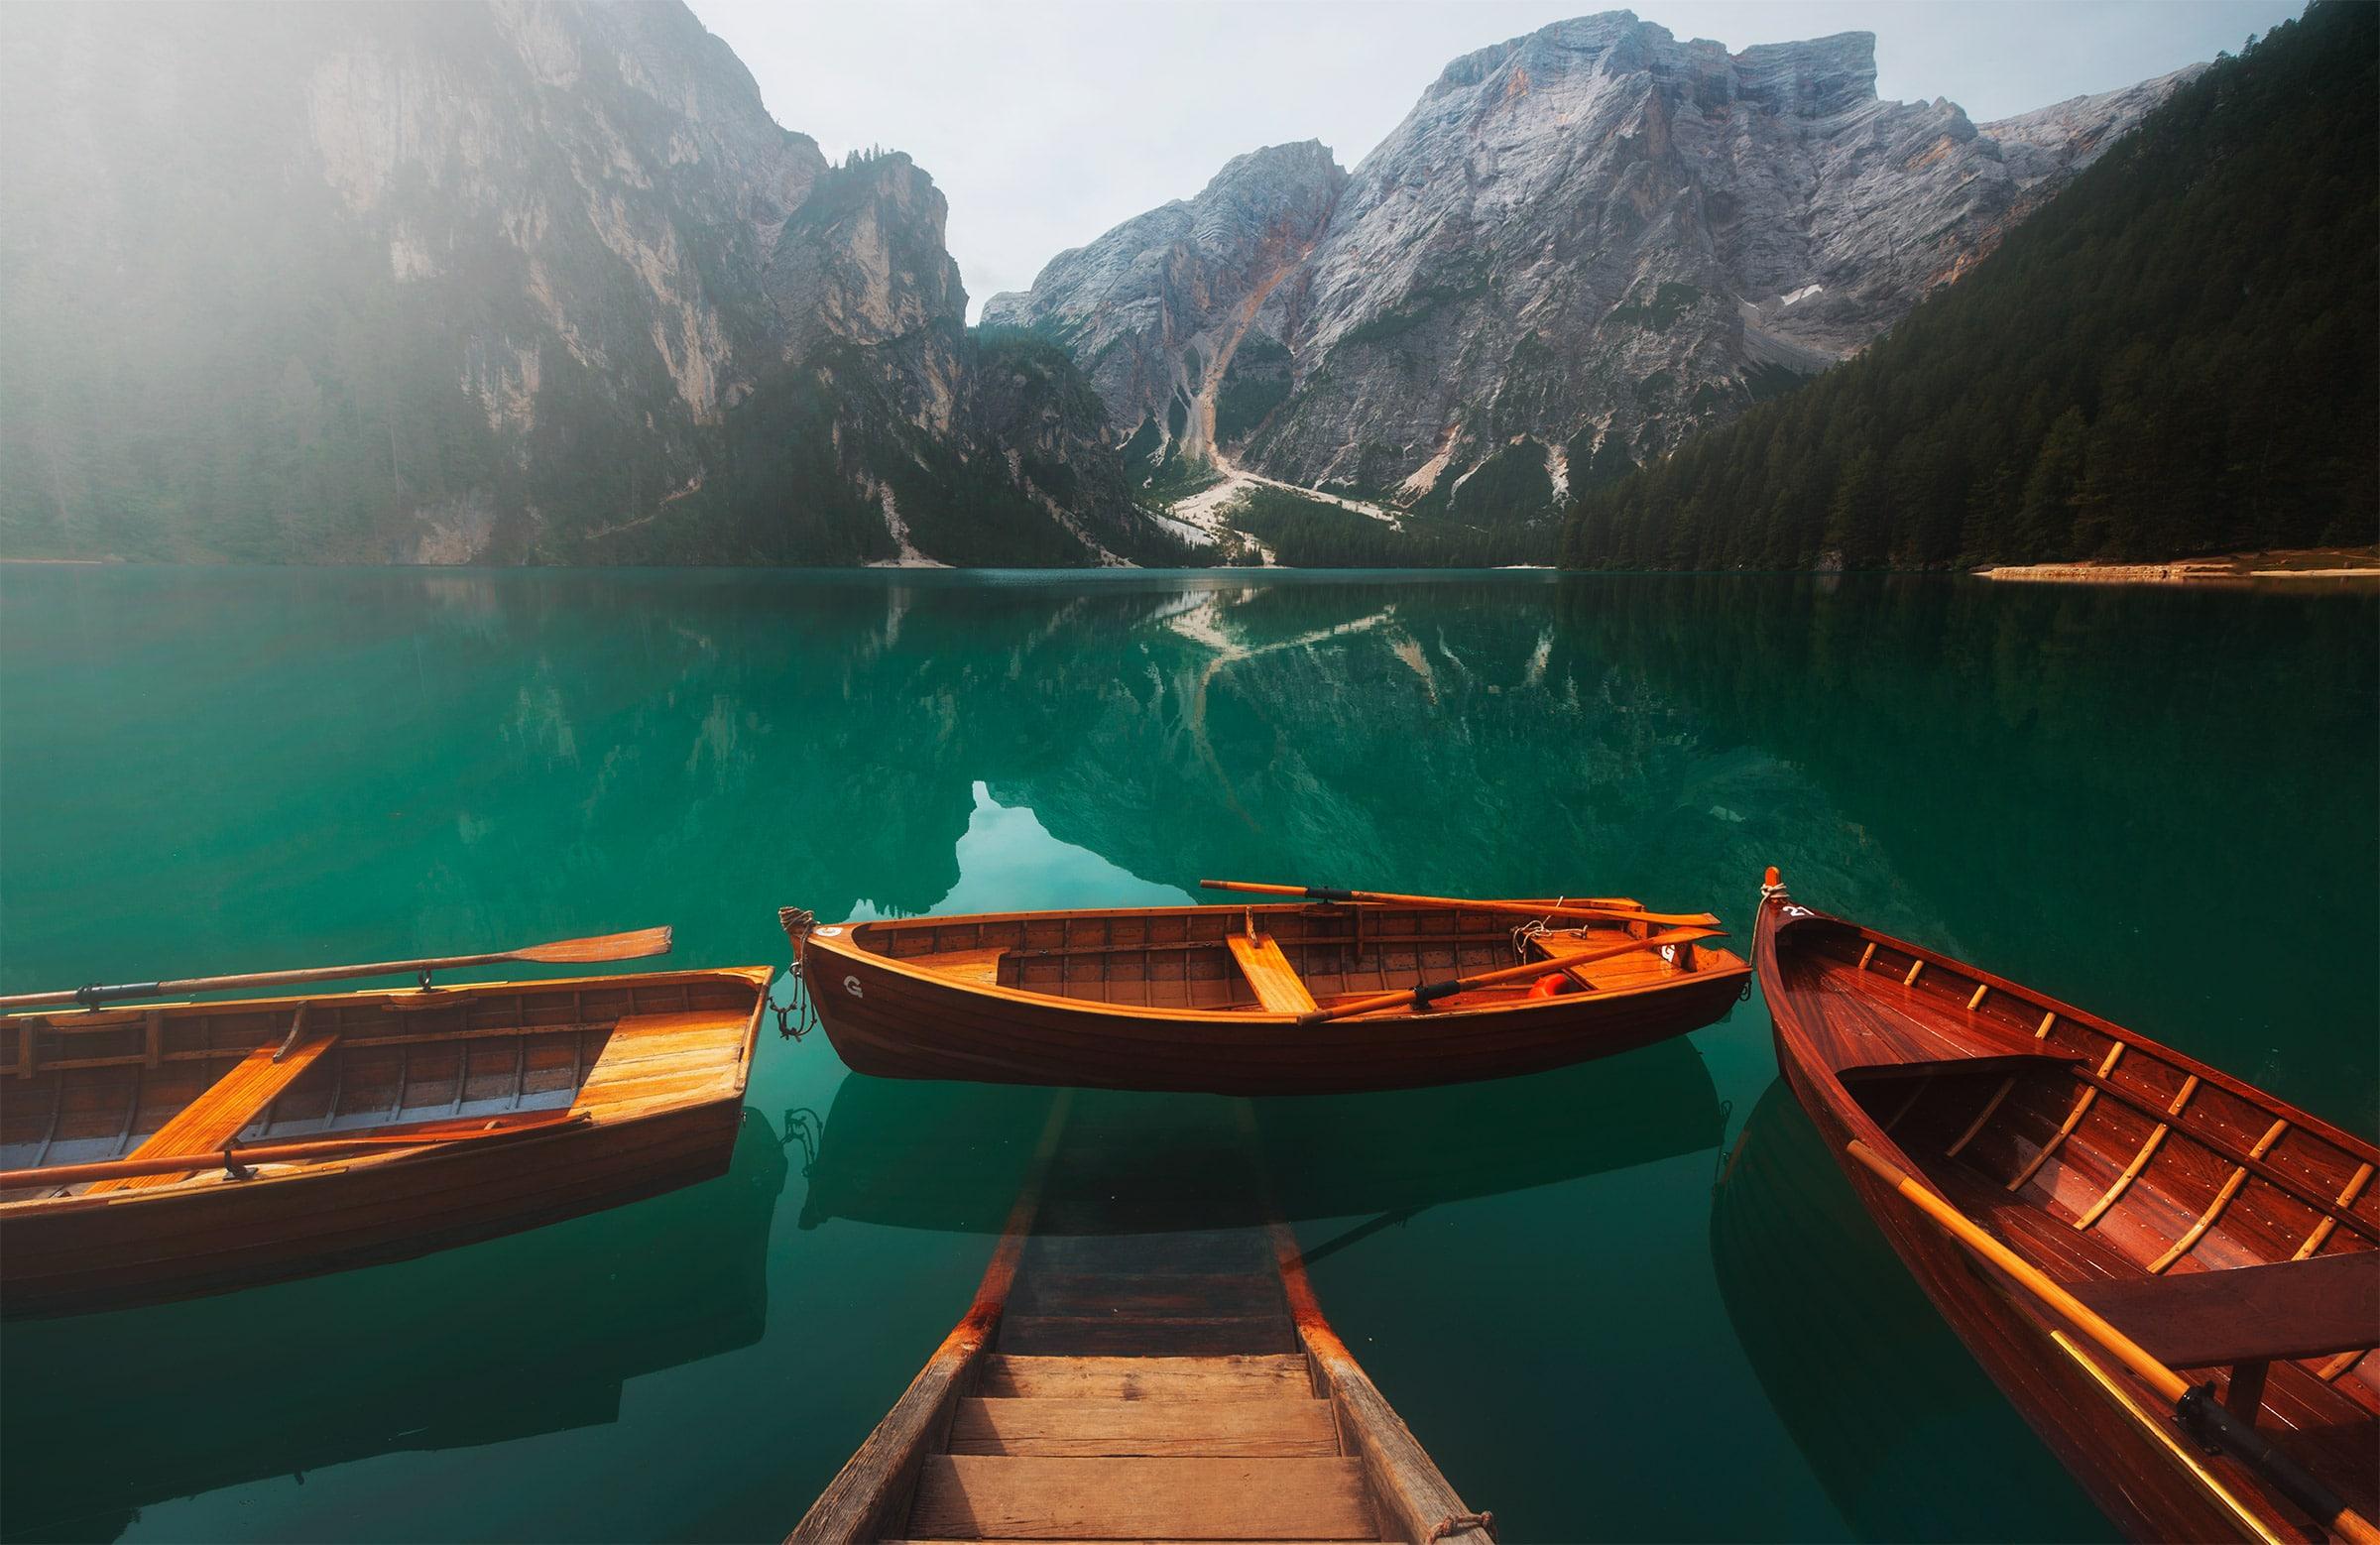 braies lake in summer photo workshop in dolomites